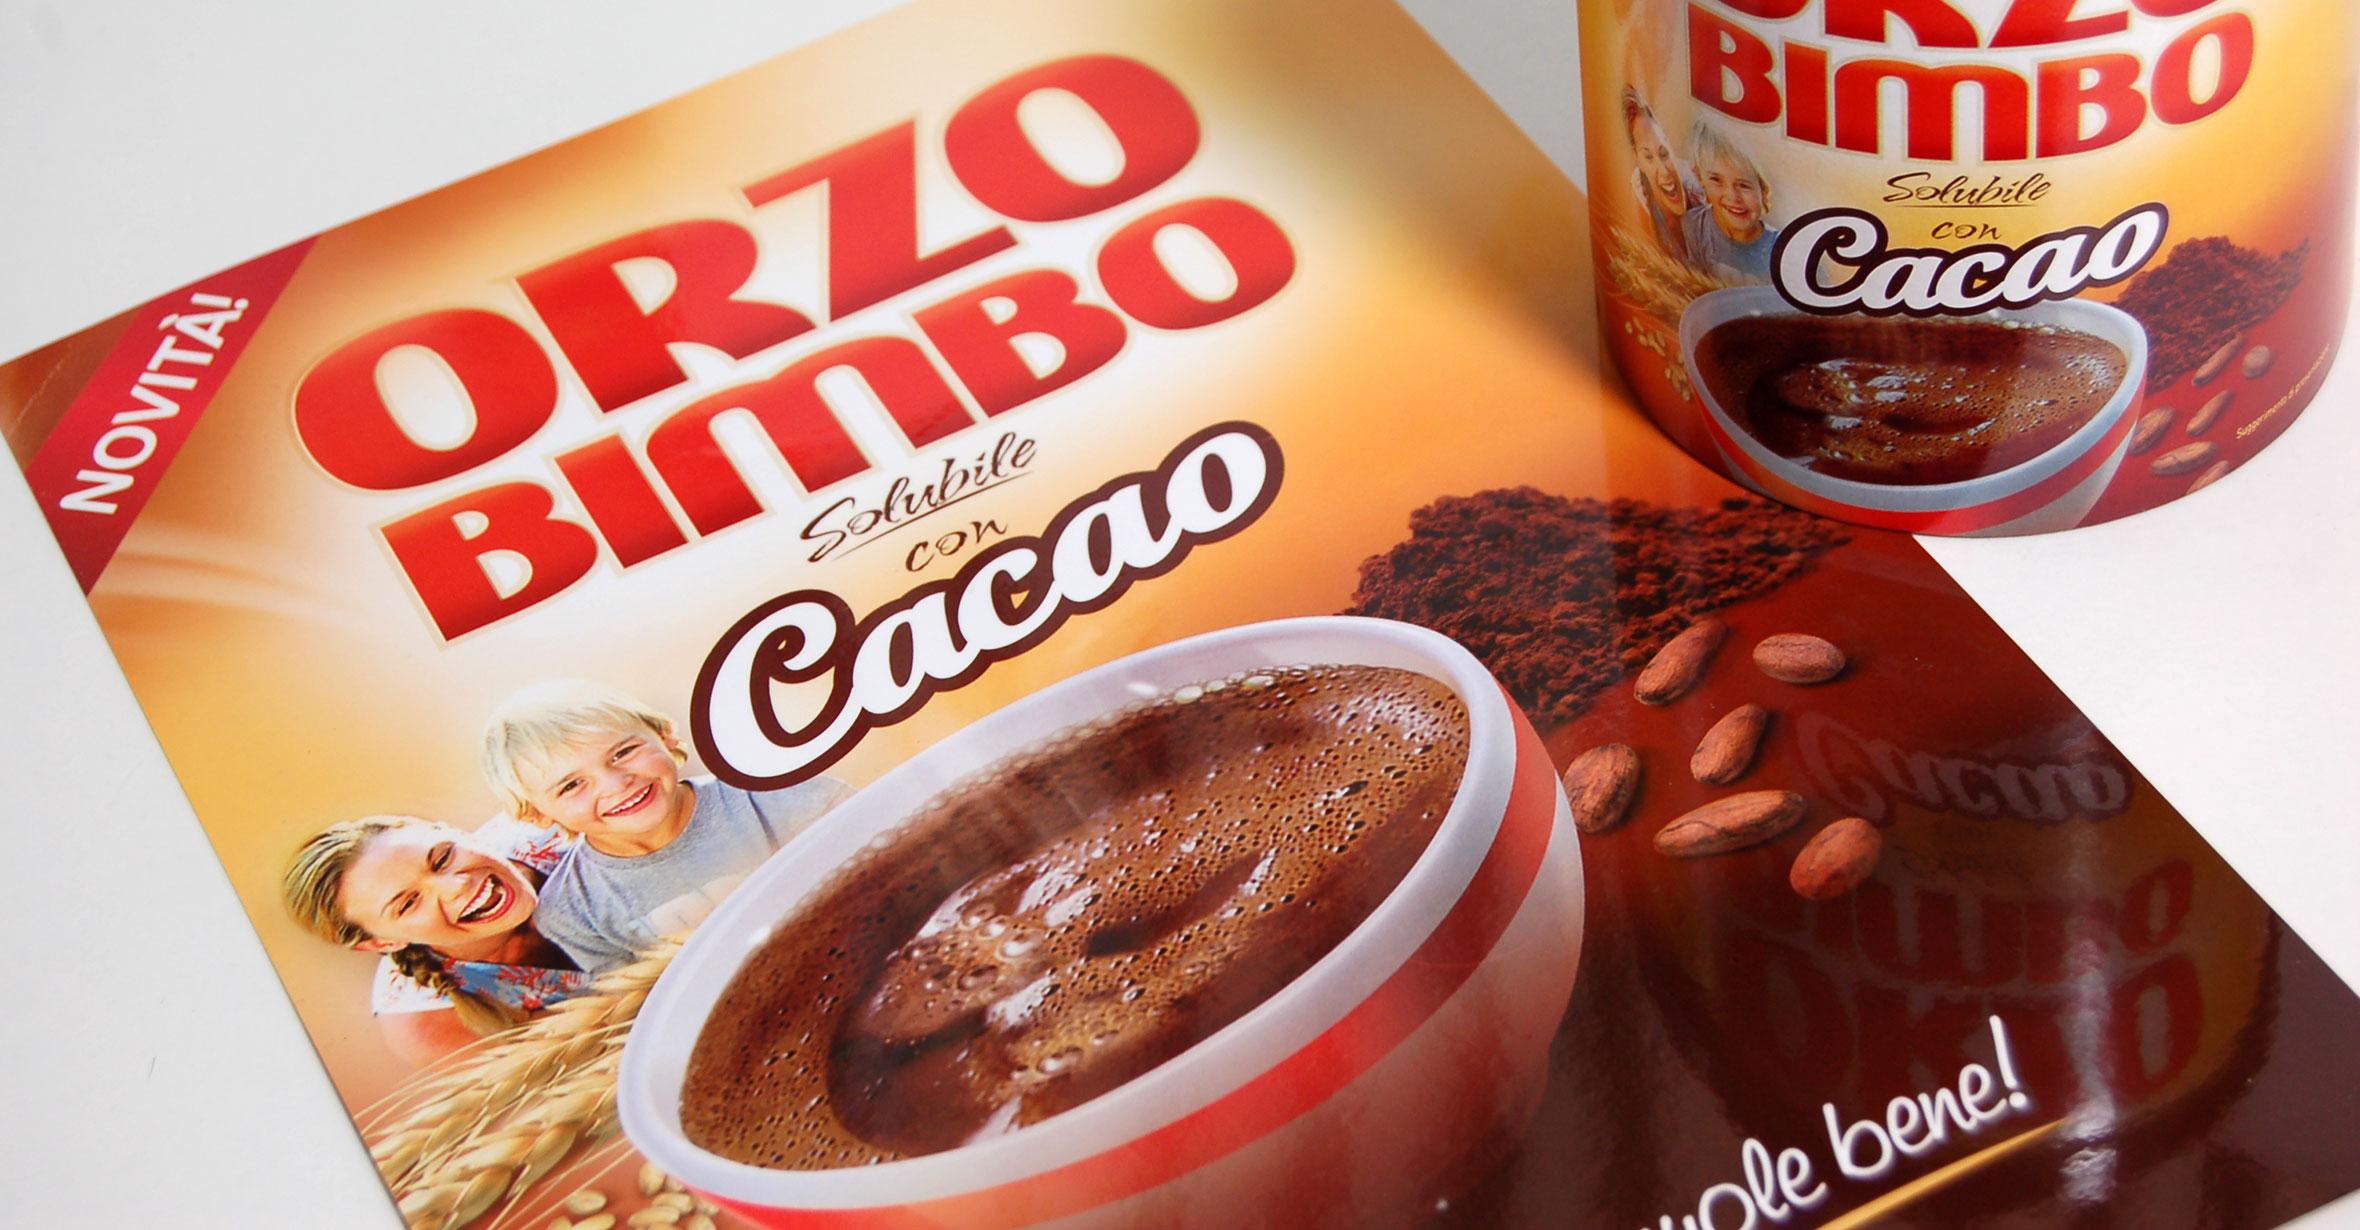 orzo-bimbo1